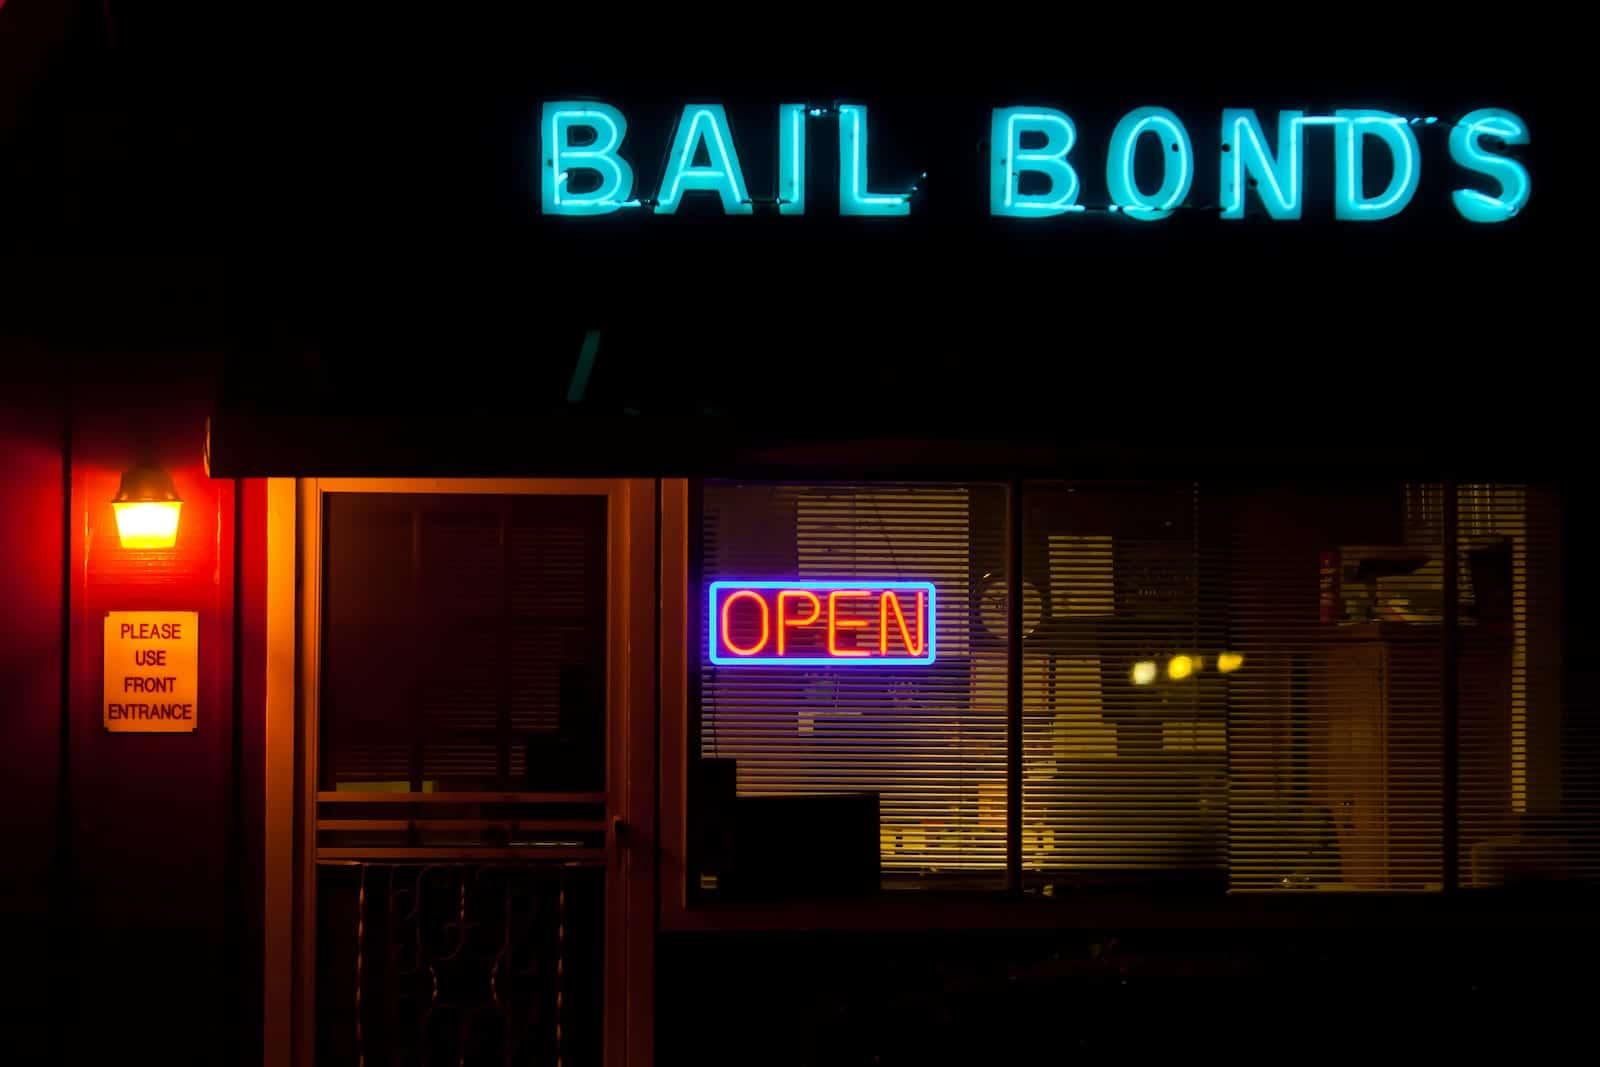 Bail Bonds Open Front Entrance Exterior